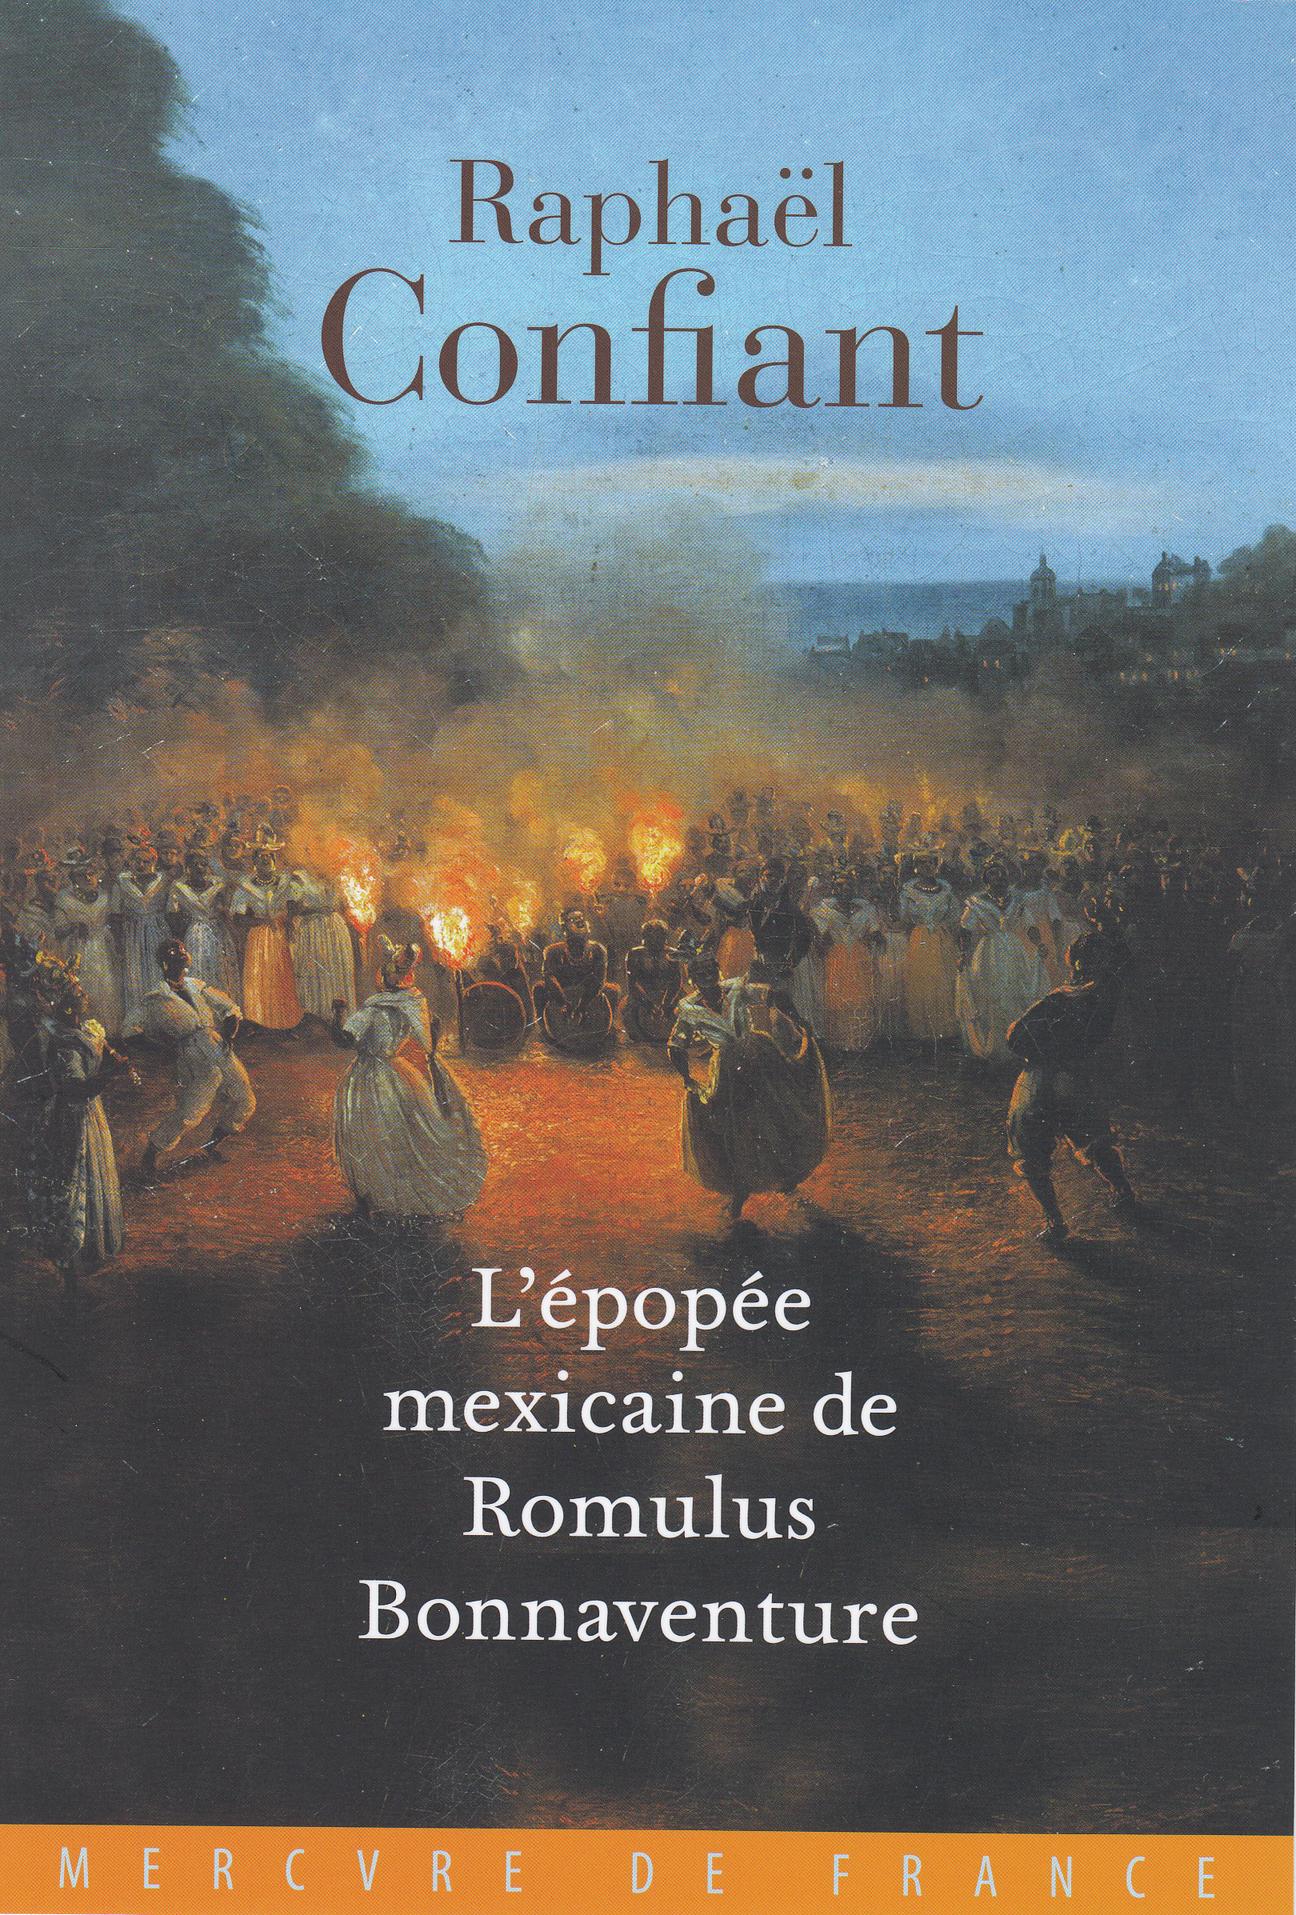 L'épopée mexicaine de Romulus Bonnaventure